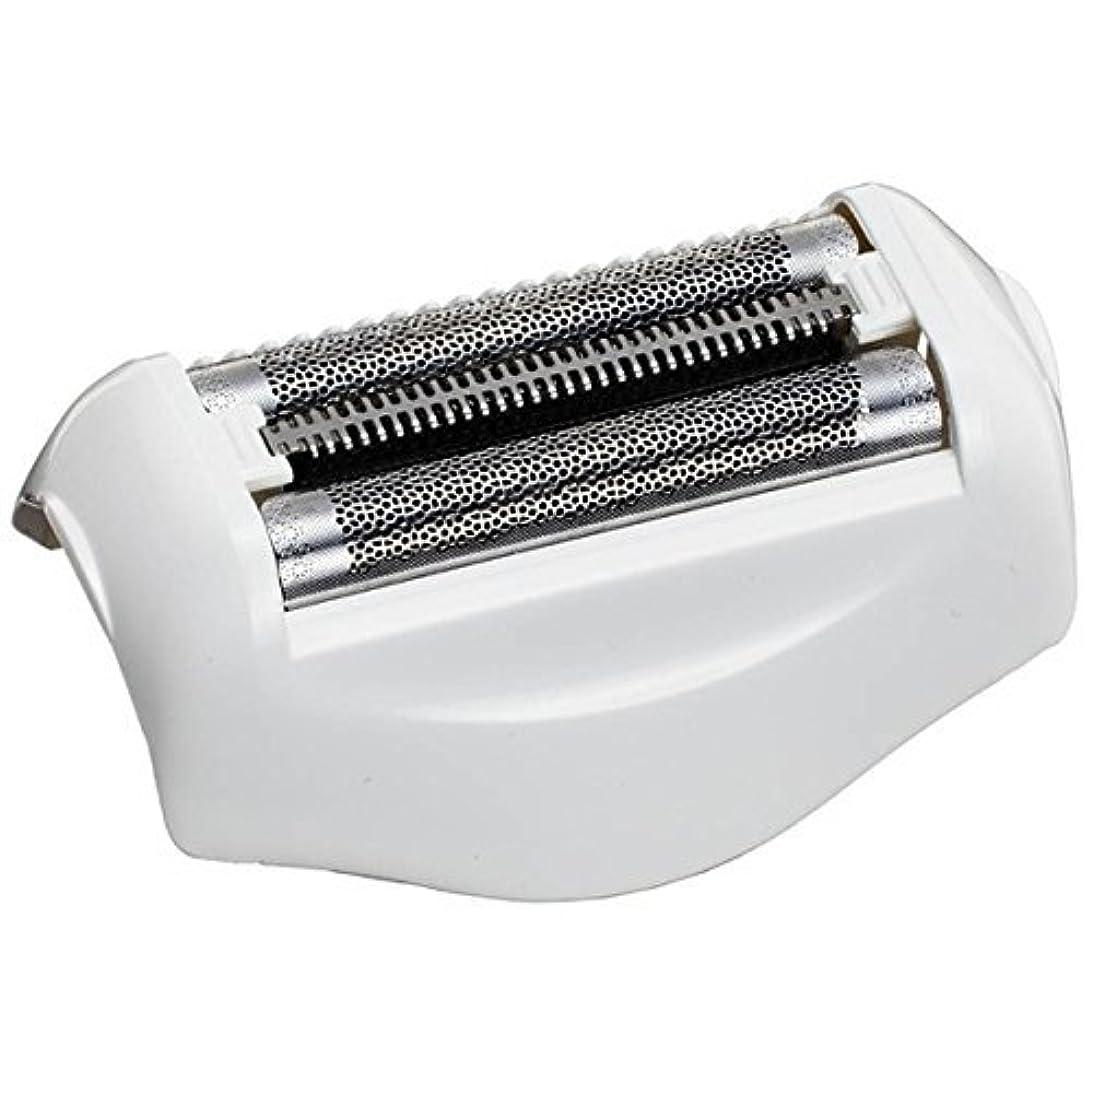 食品荒れ地見習い日立 メンズシェーバー用替刃(外刃) K-TX29S